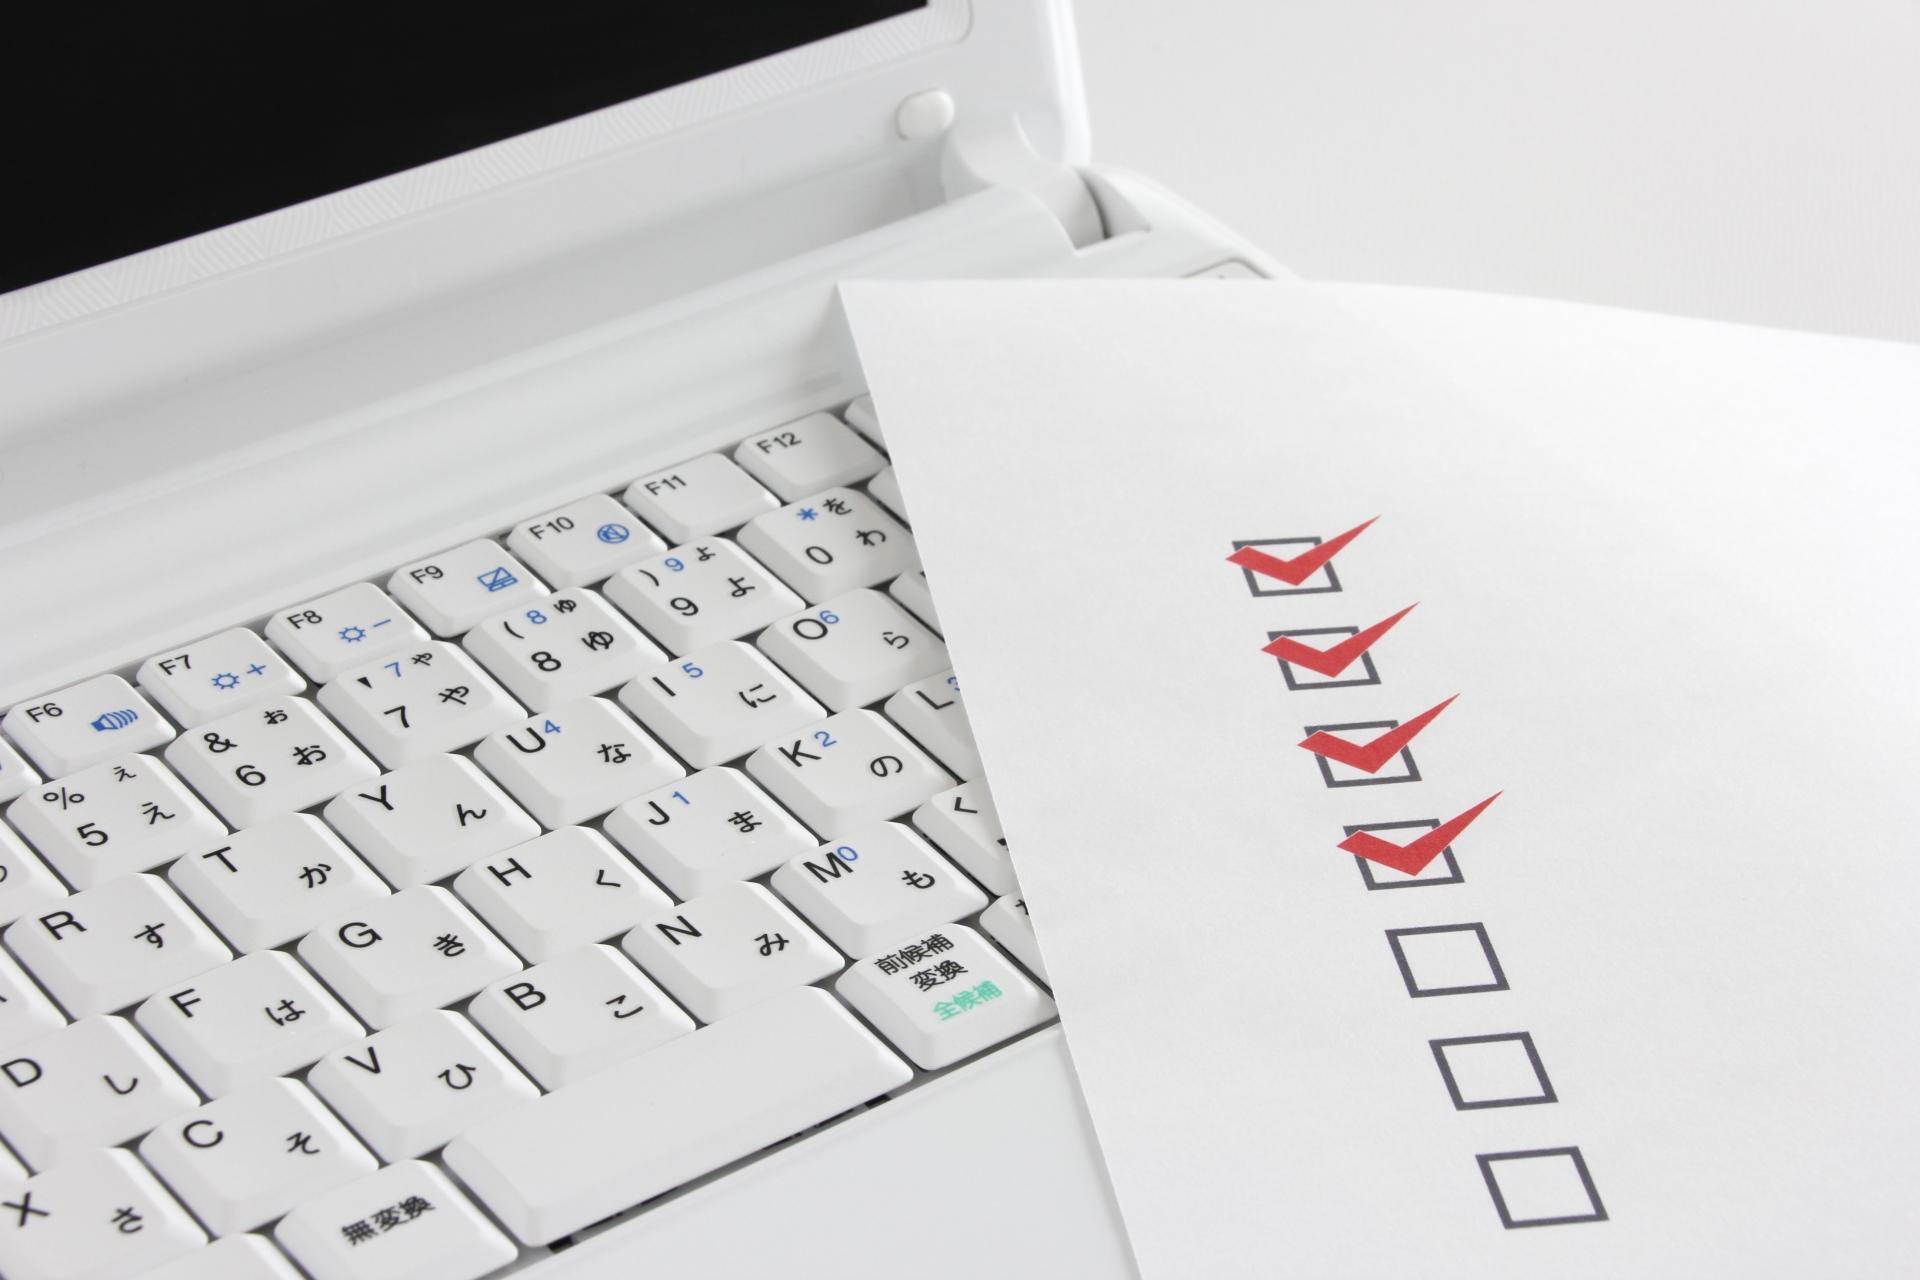 筆跡鑑定の作業工程イメージ